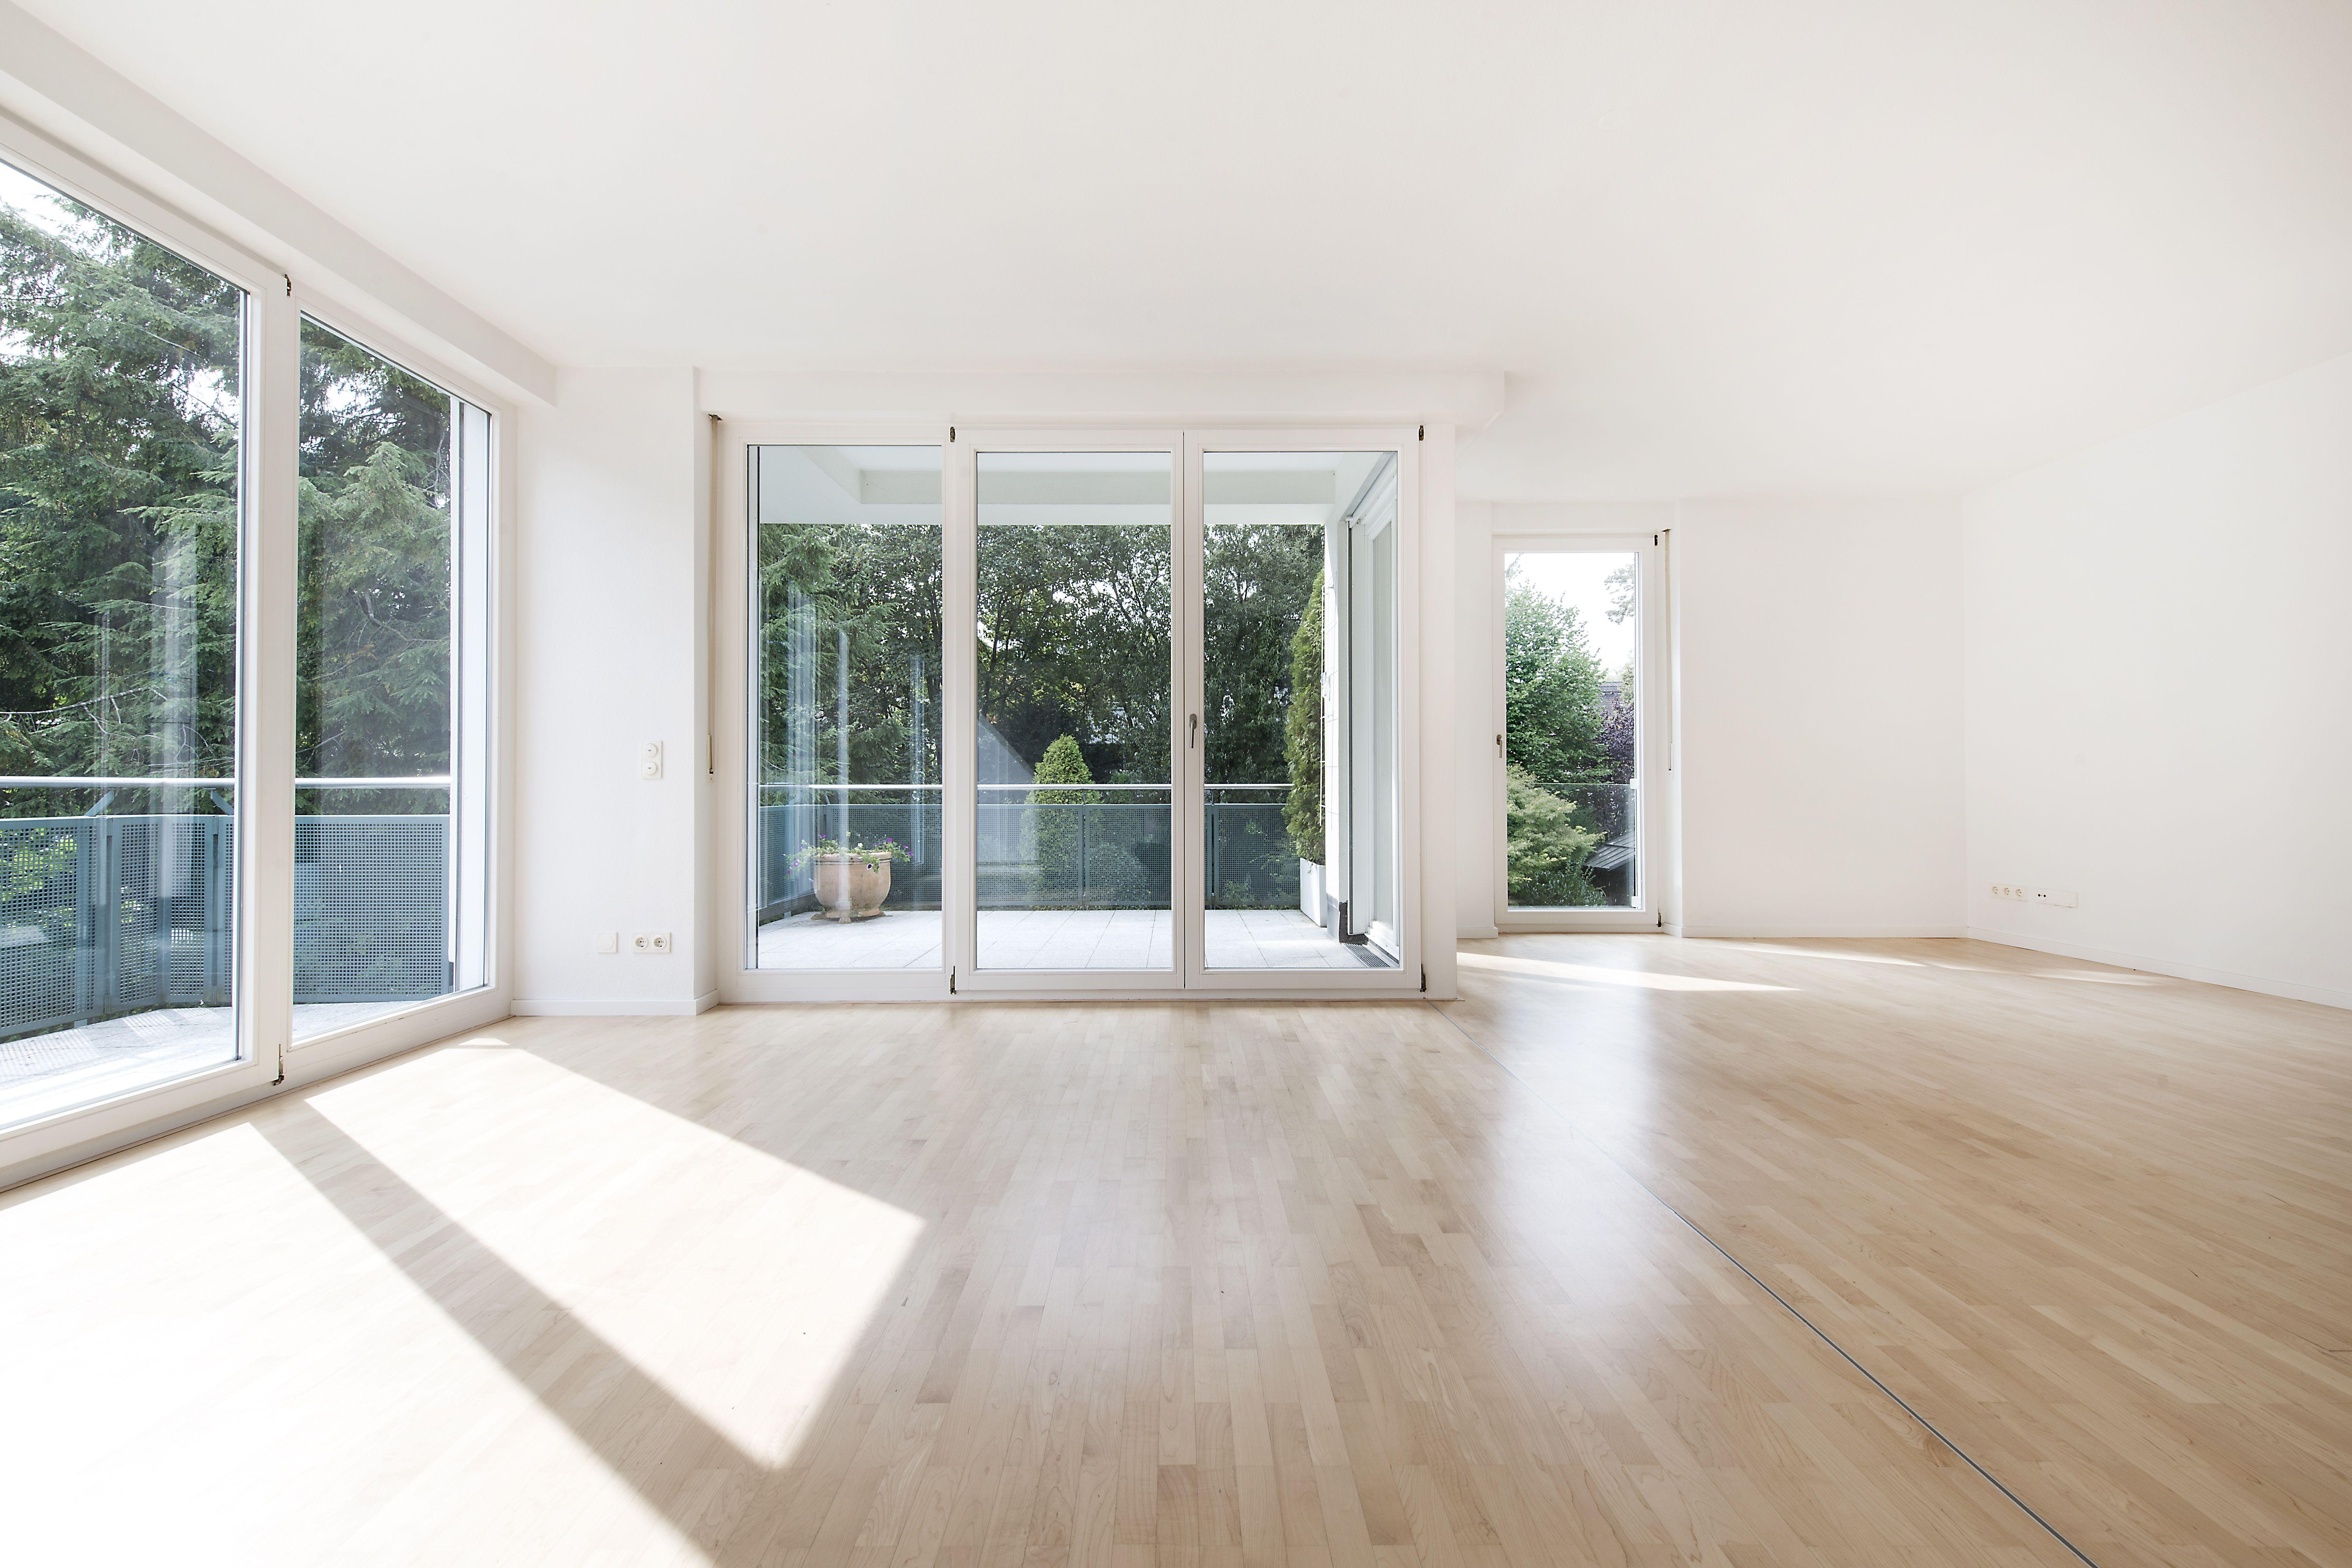 рецепт картинка комнаты без мебели с окном патология эпидермиса